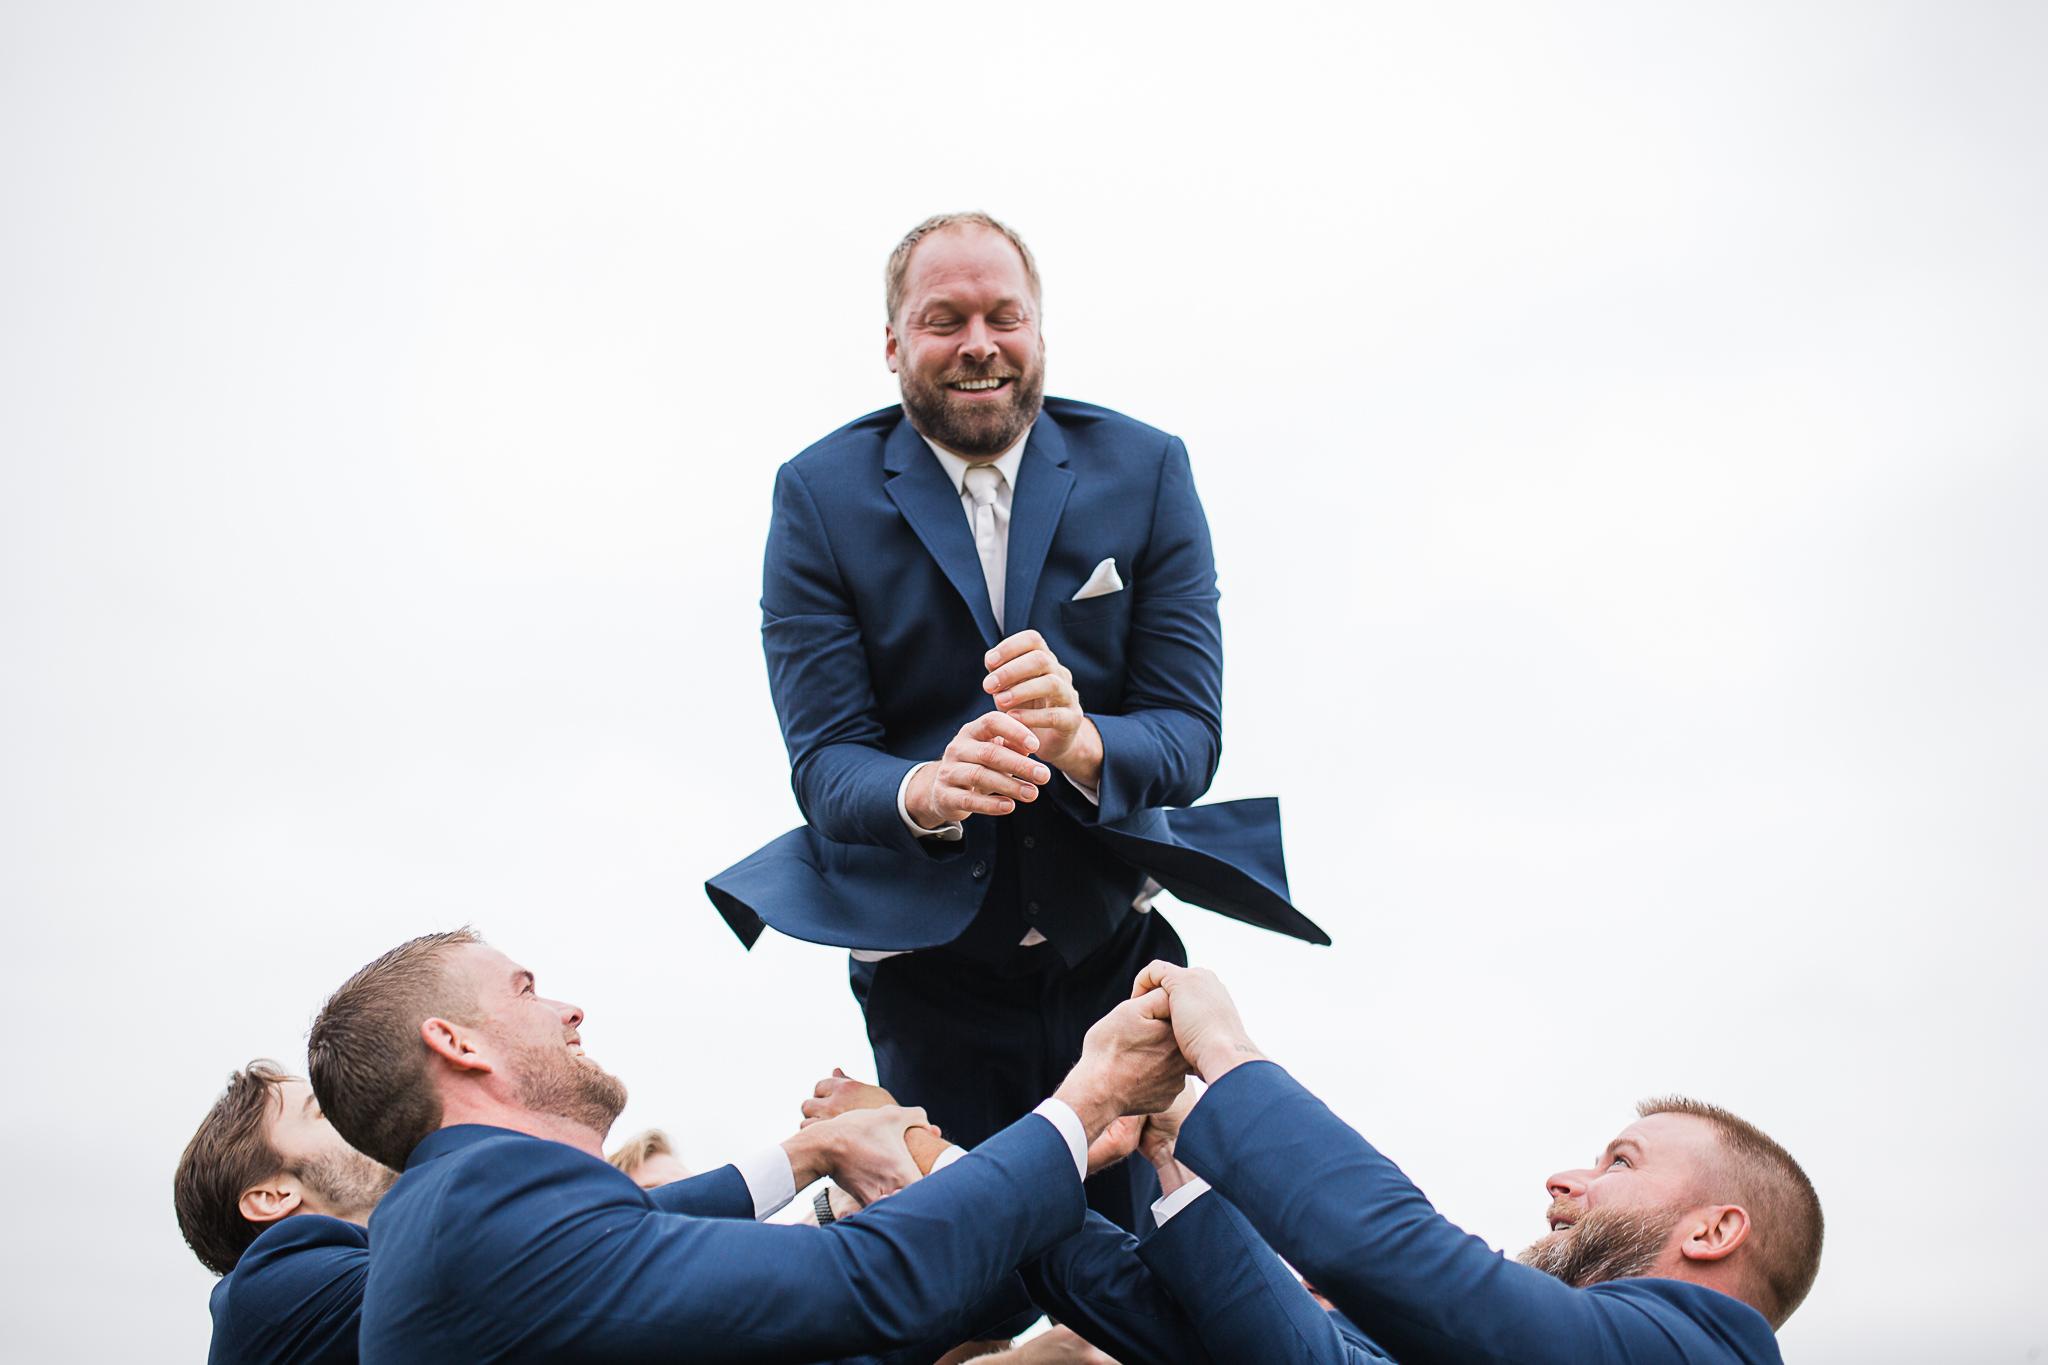 Groom toss with groomsmen